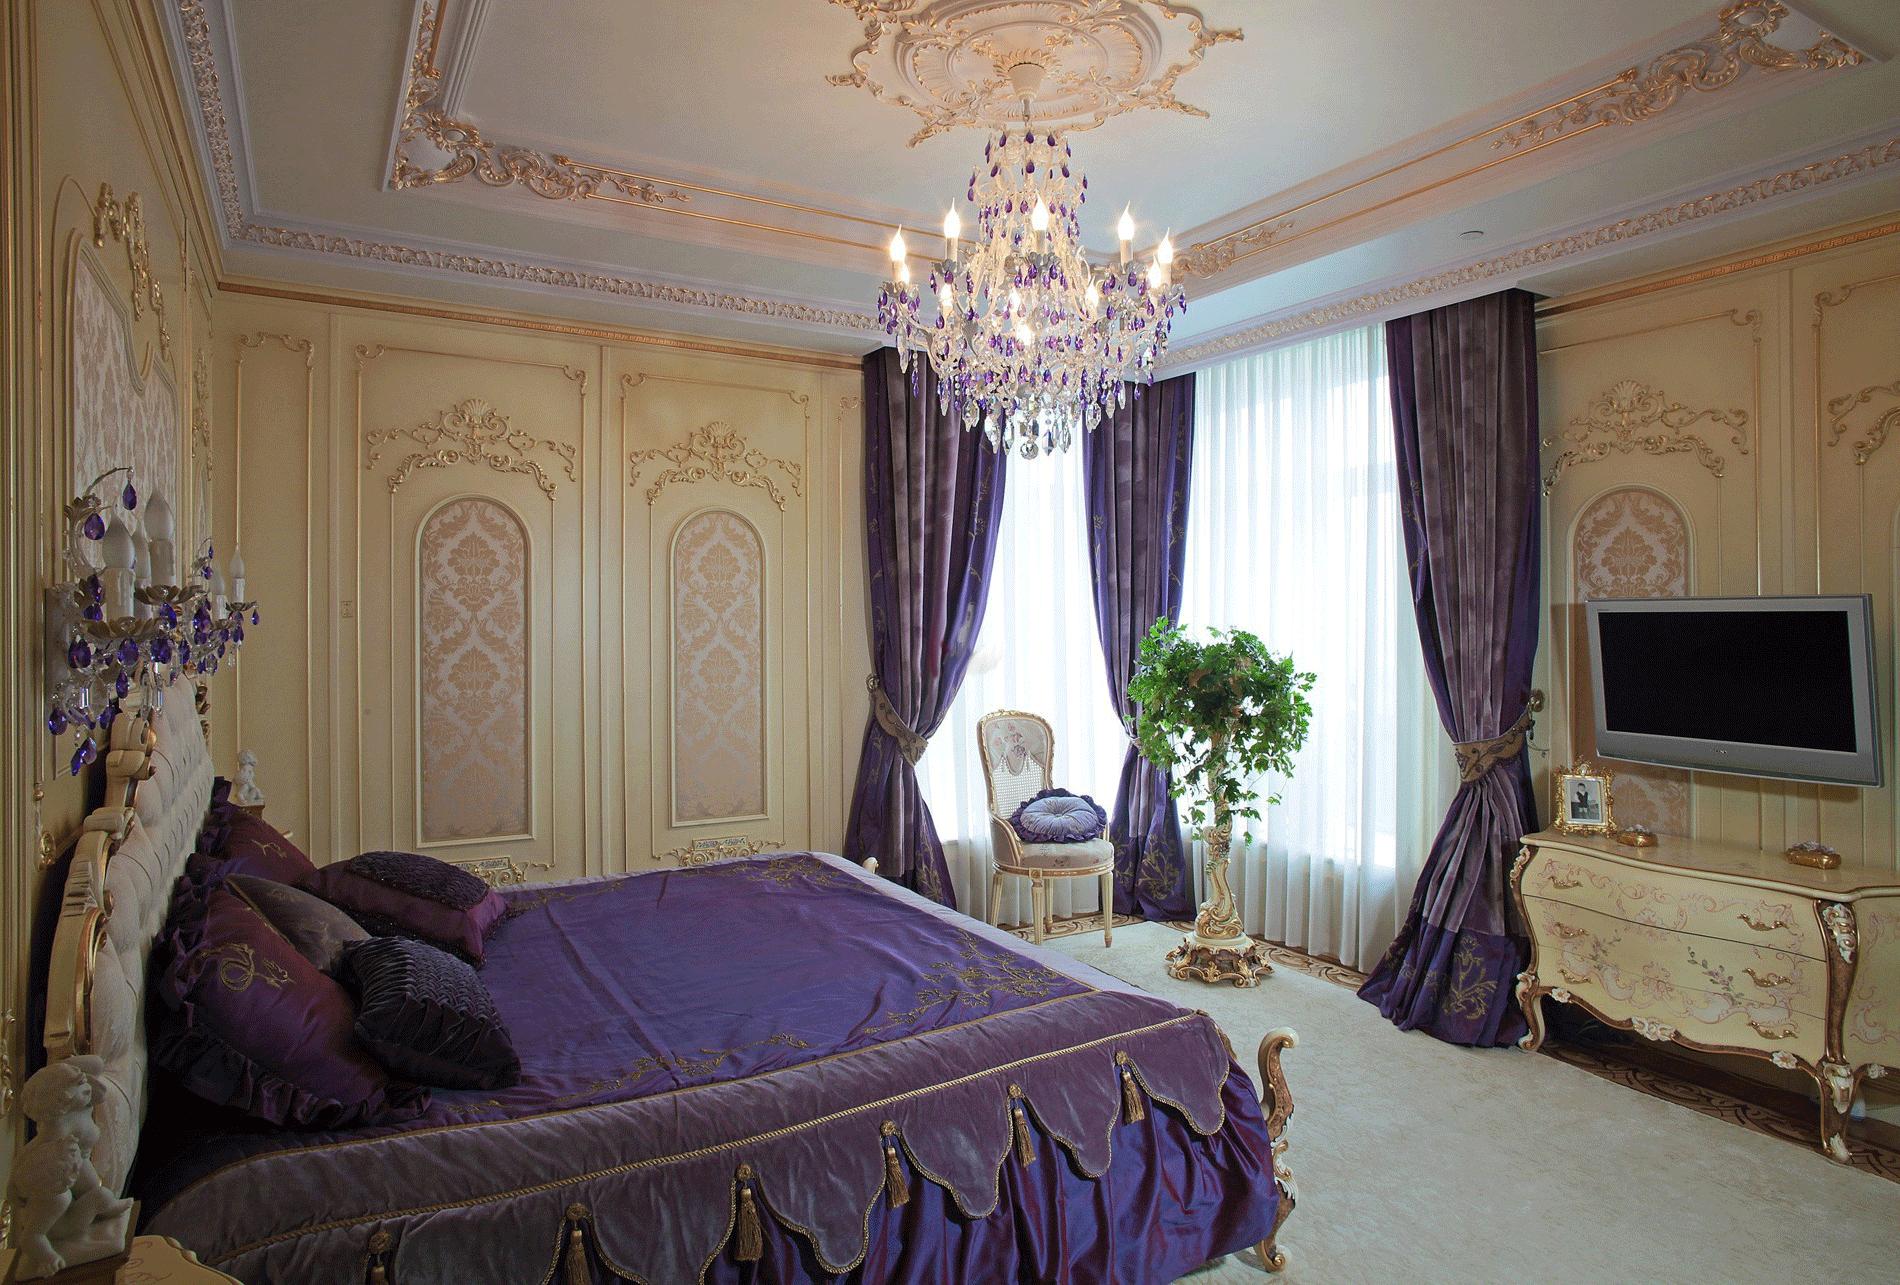 квартира в стиле барокко фиолетового цвета